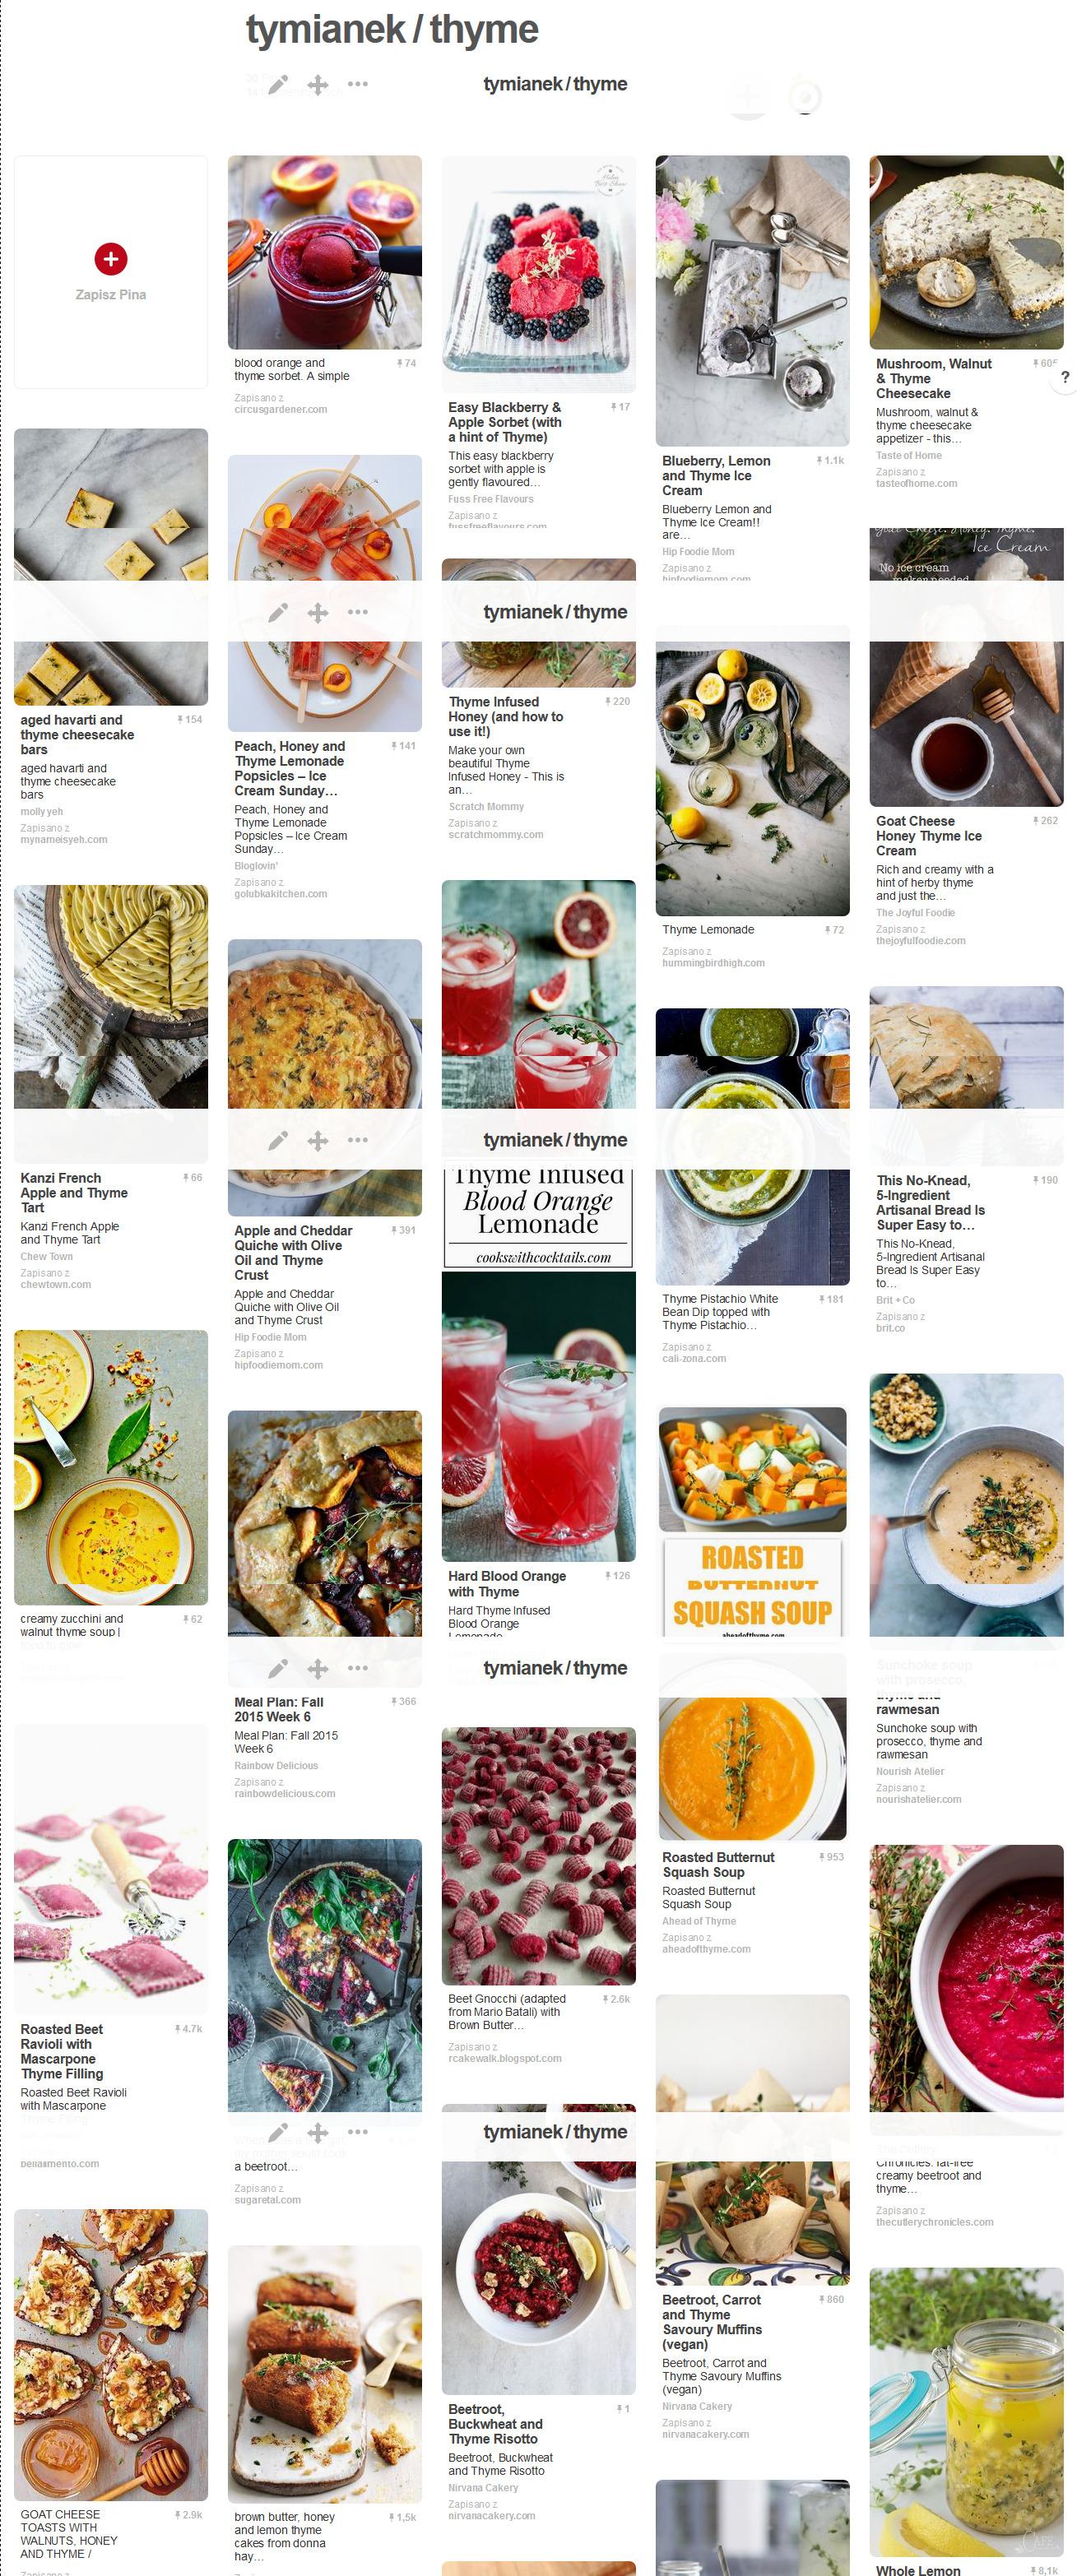 Dziesiątki pomysłów na dania słodkie i słone z wykorzystaniem tymianku i innych składników znajdziesz na moim Pintereście